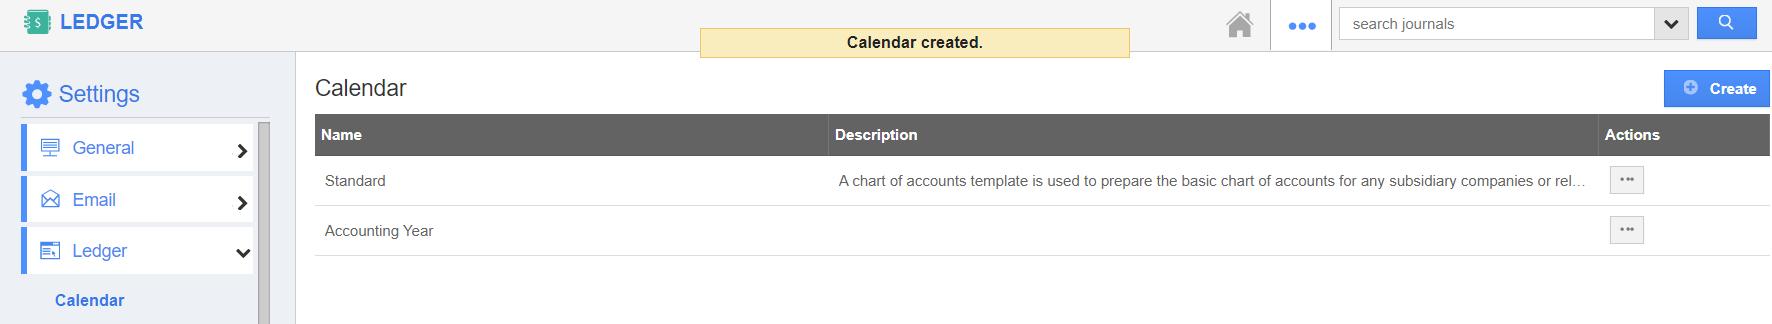 Calendar Created